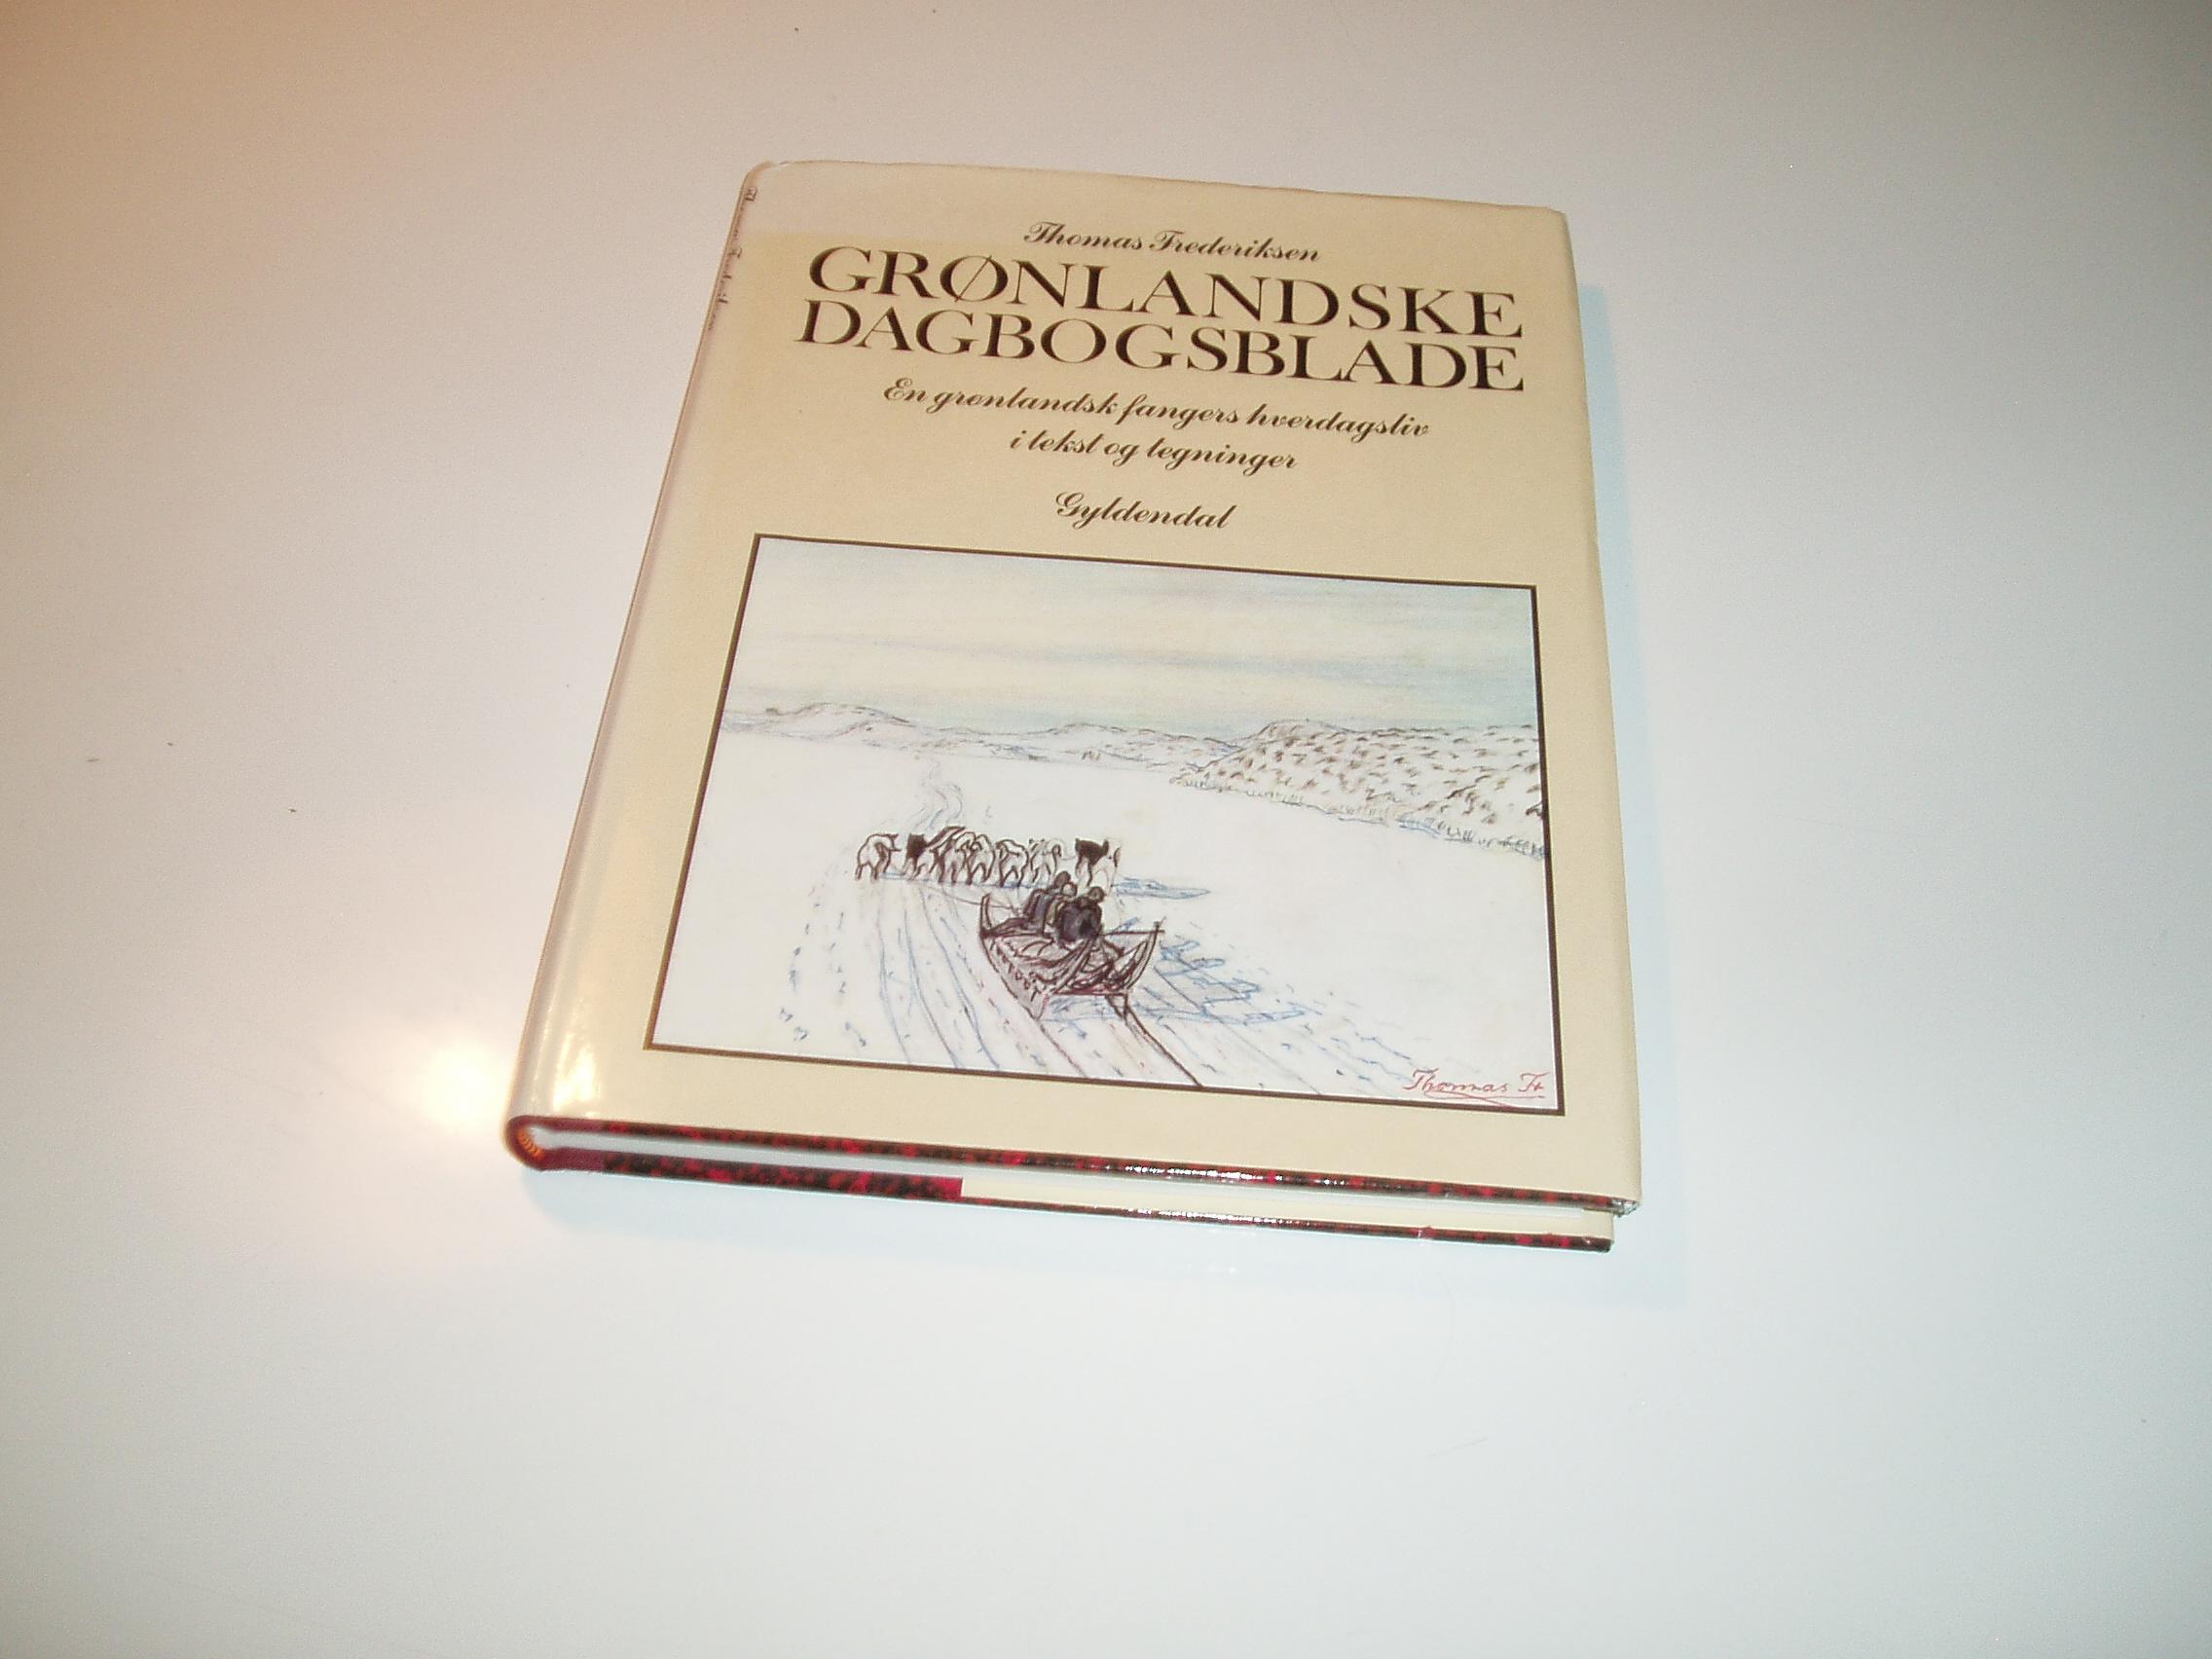 Grønlandske dagbogsblade. En grønlandsk fangers hverdagsliv i te